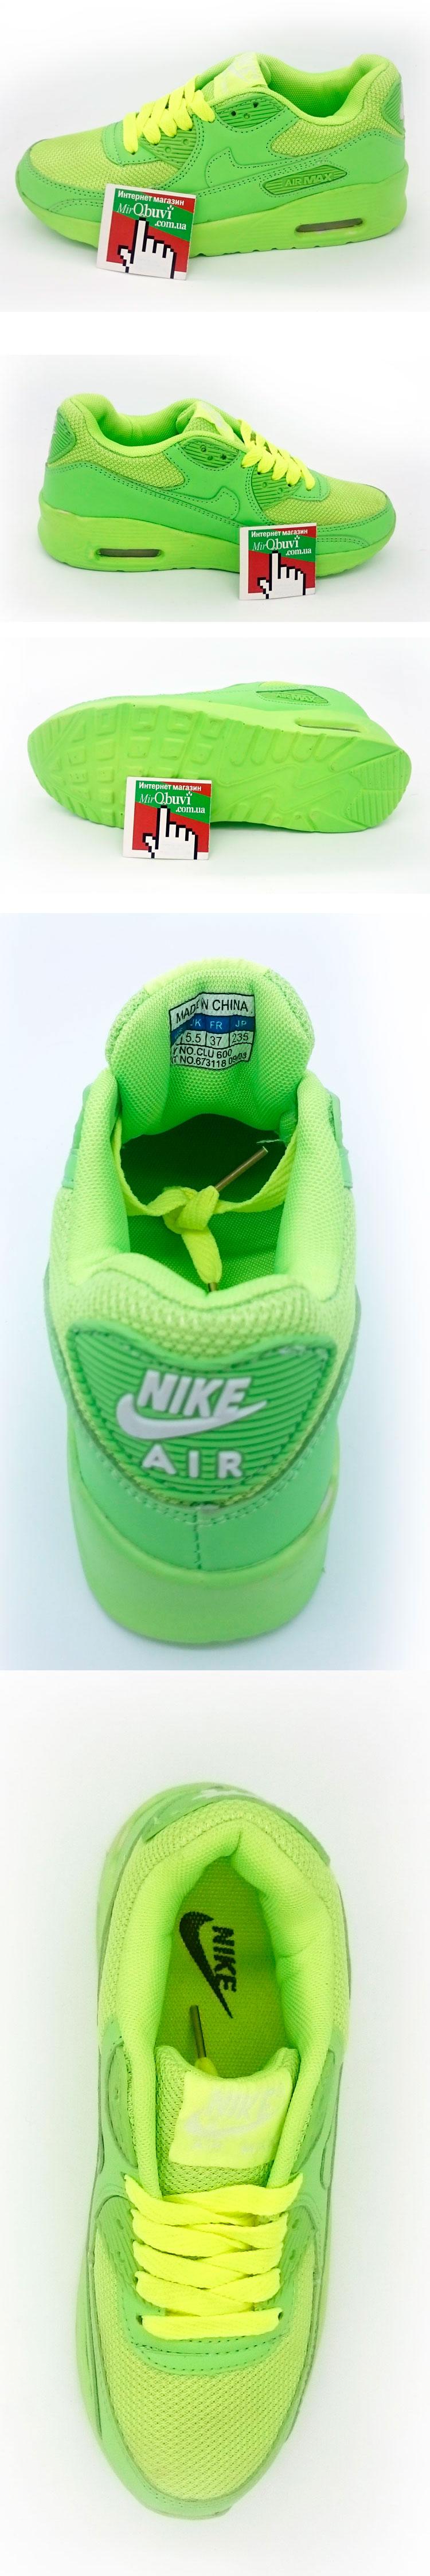 большое фото №5 Женские кроссовки Nike Air Max 90 салатовые